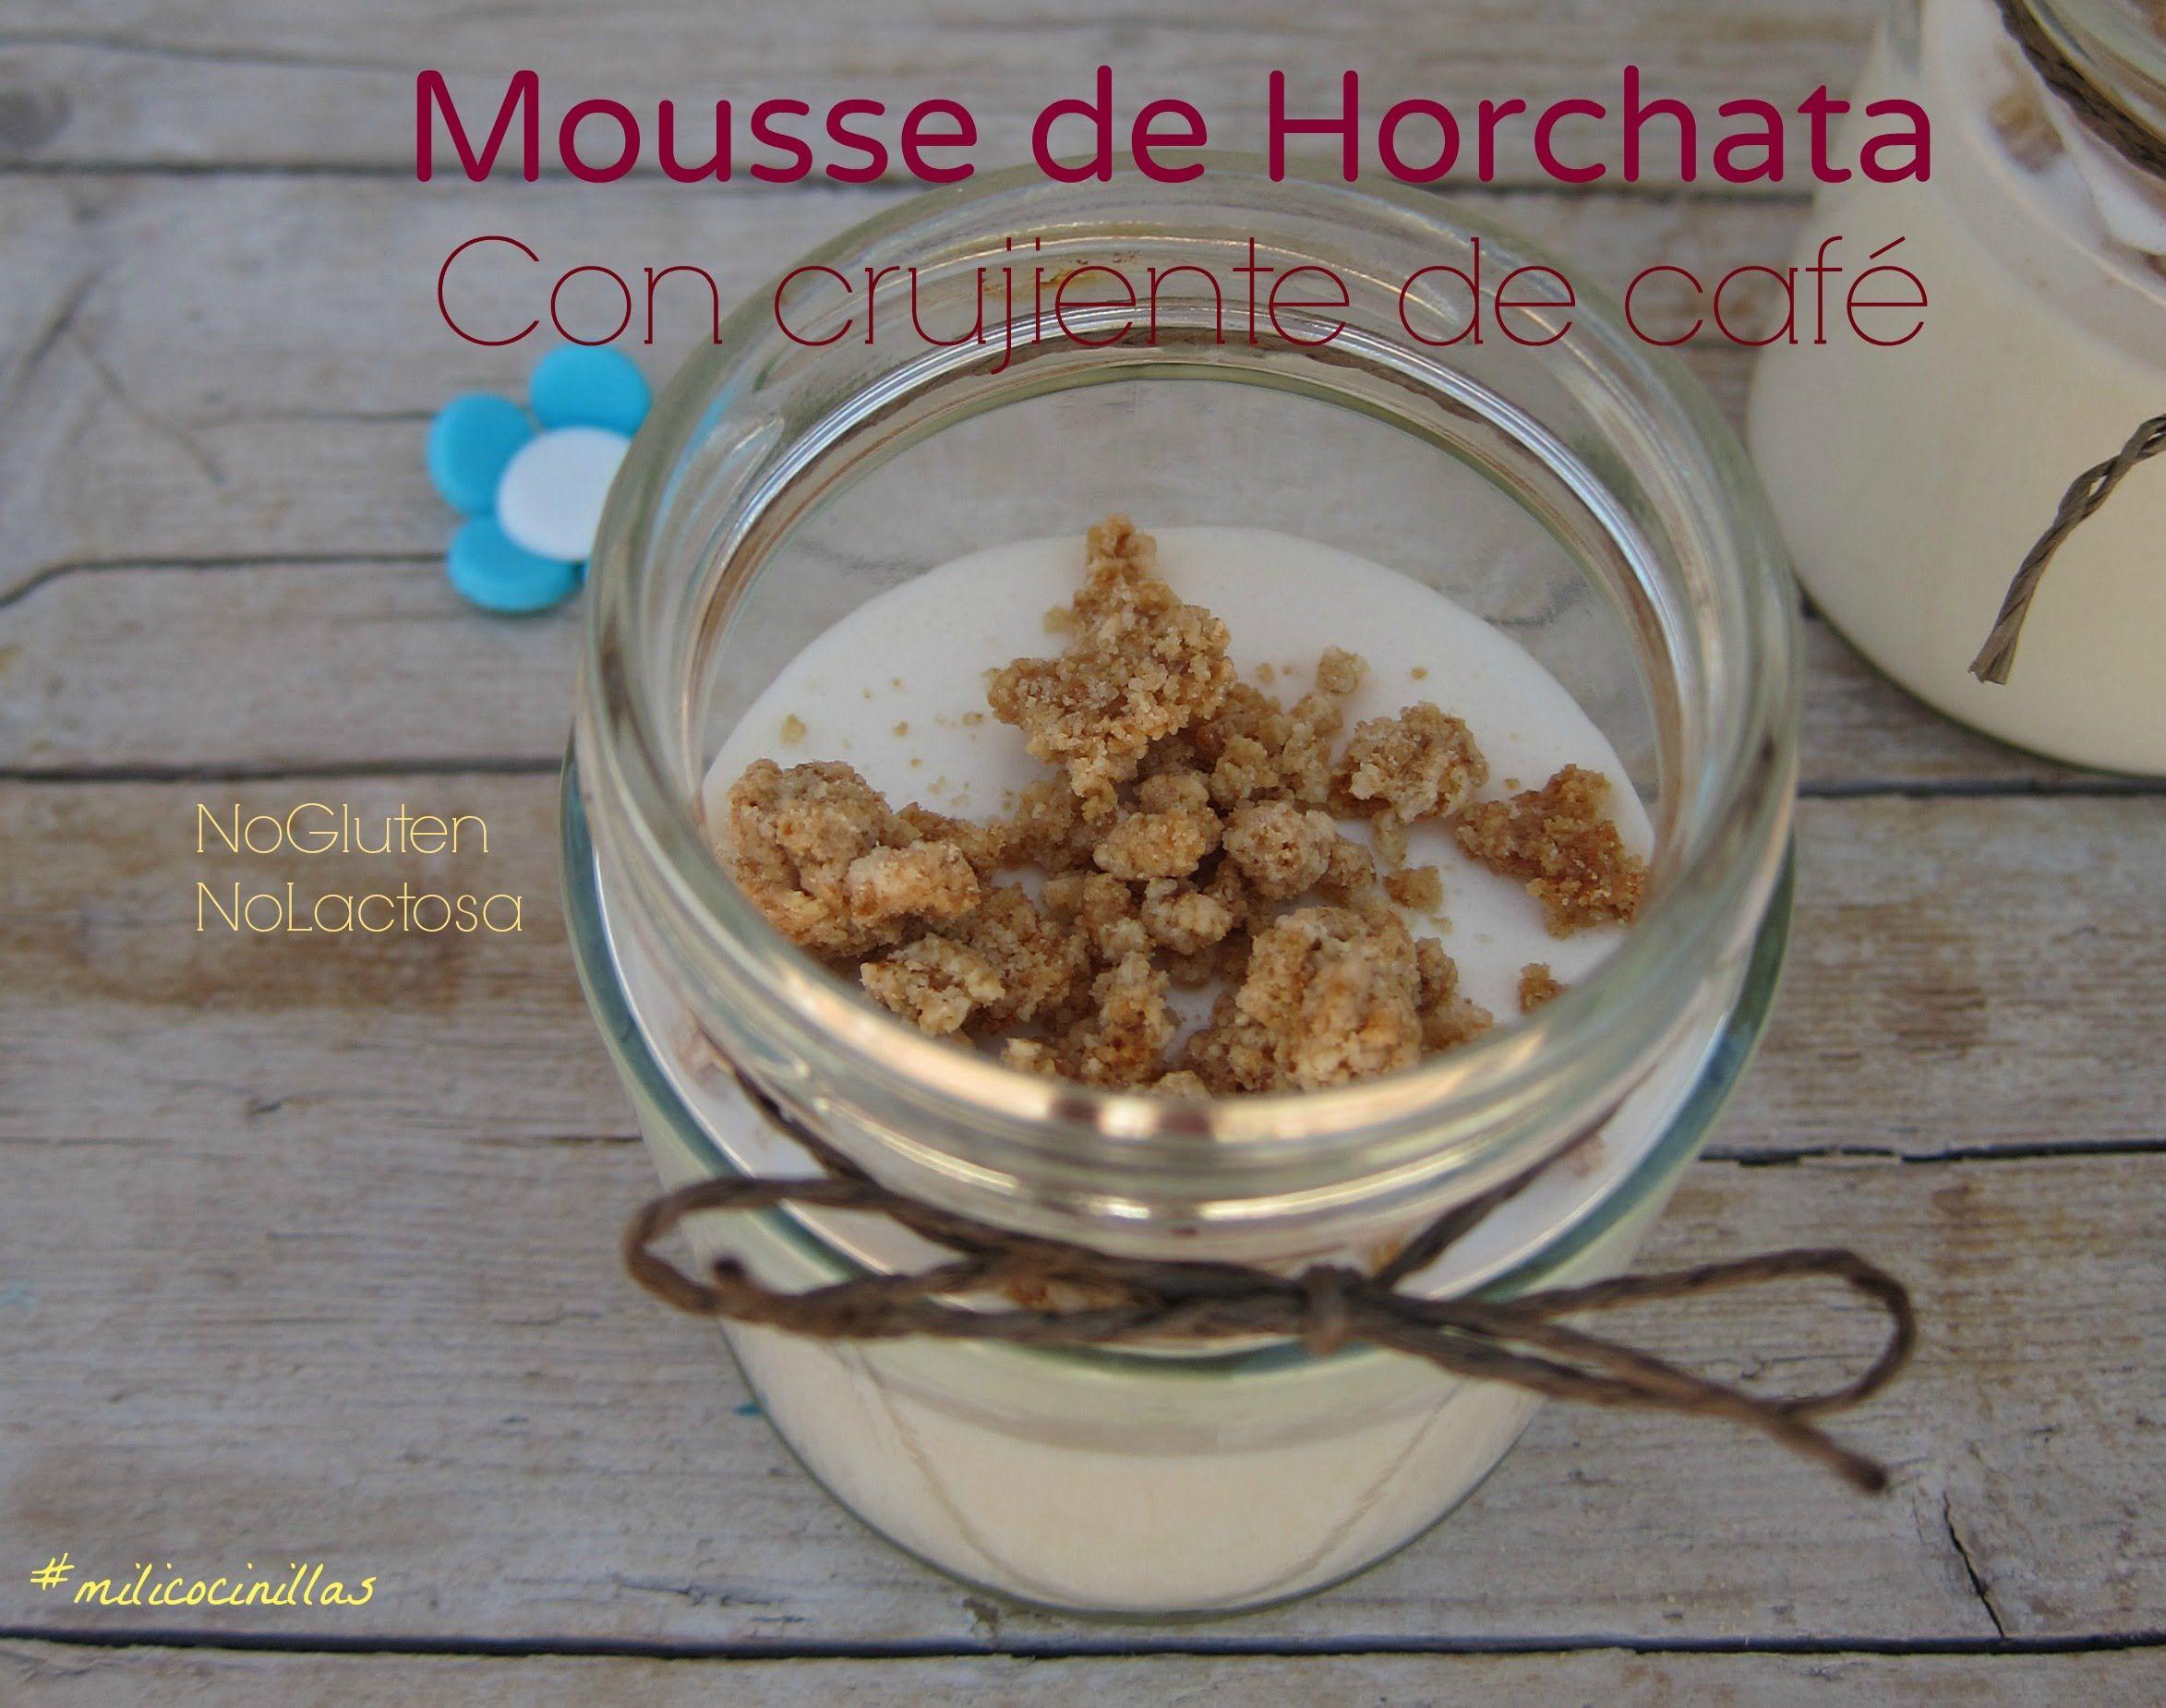 Mousse De Horchata Singluten Sin Lactosa Receta Sencilla De Como